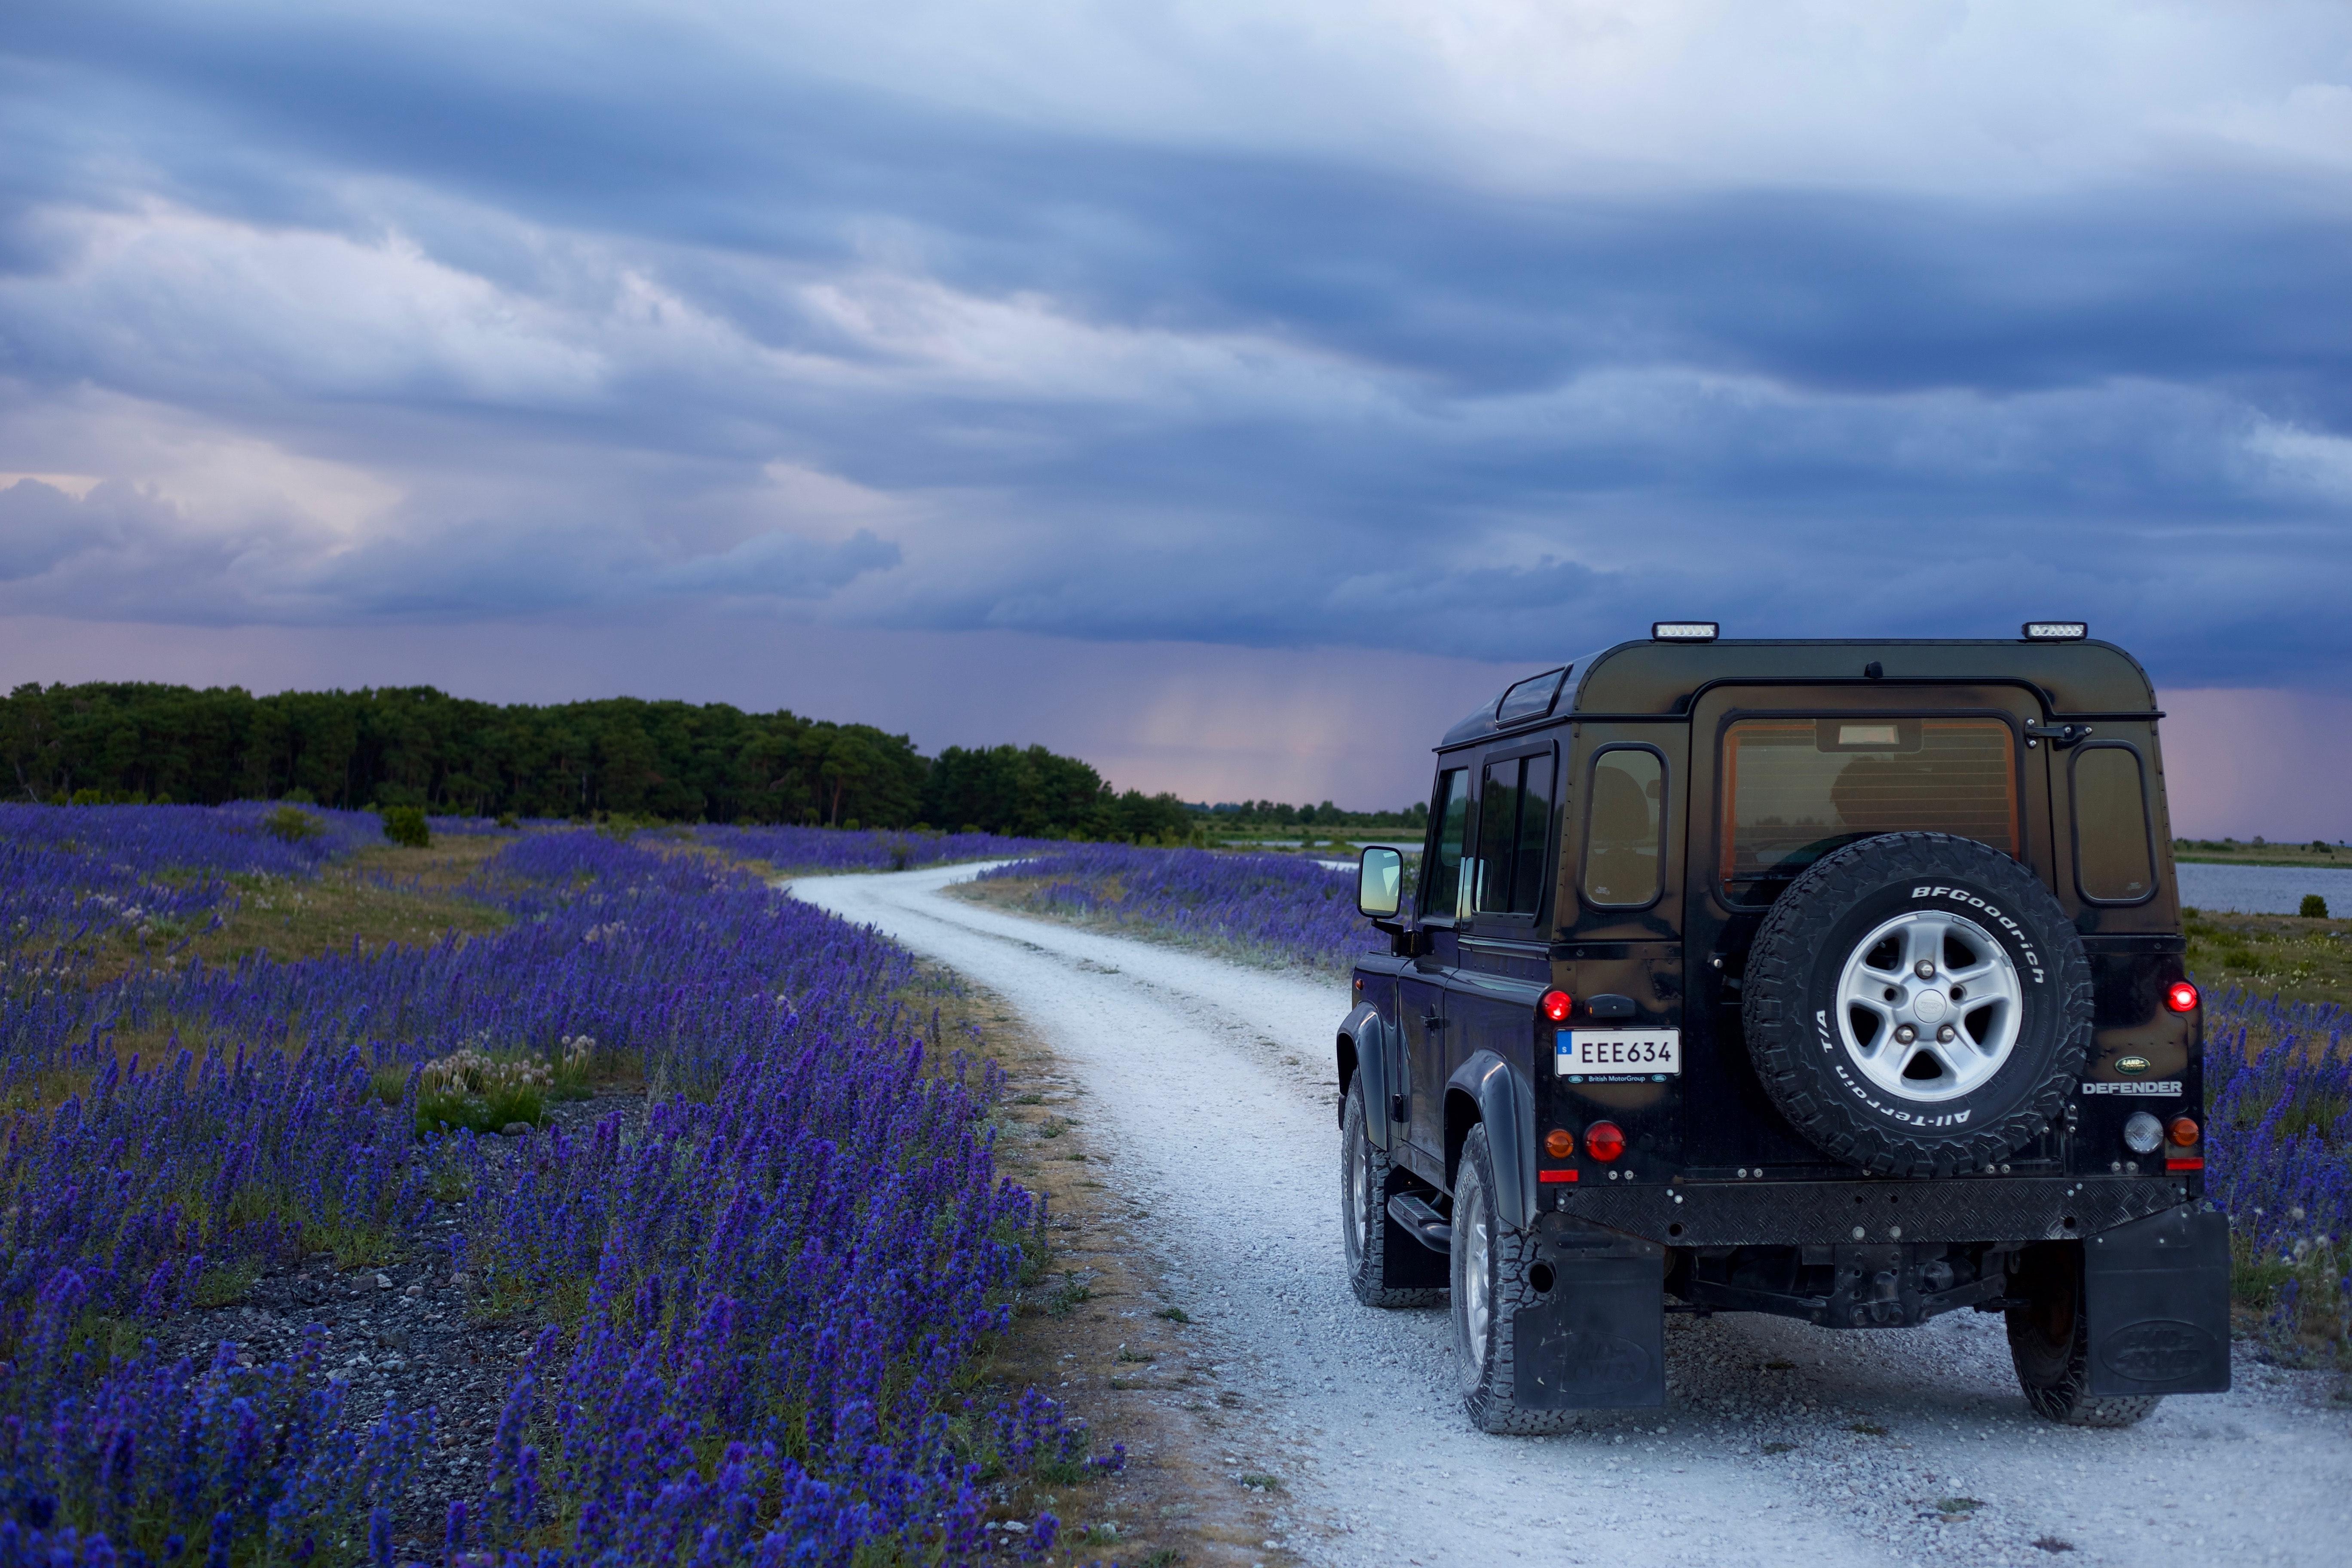 Black suv in between purple flower fields photo